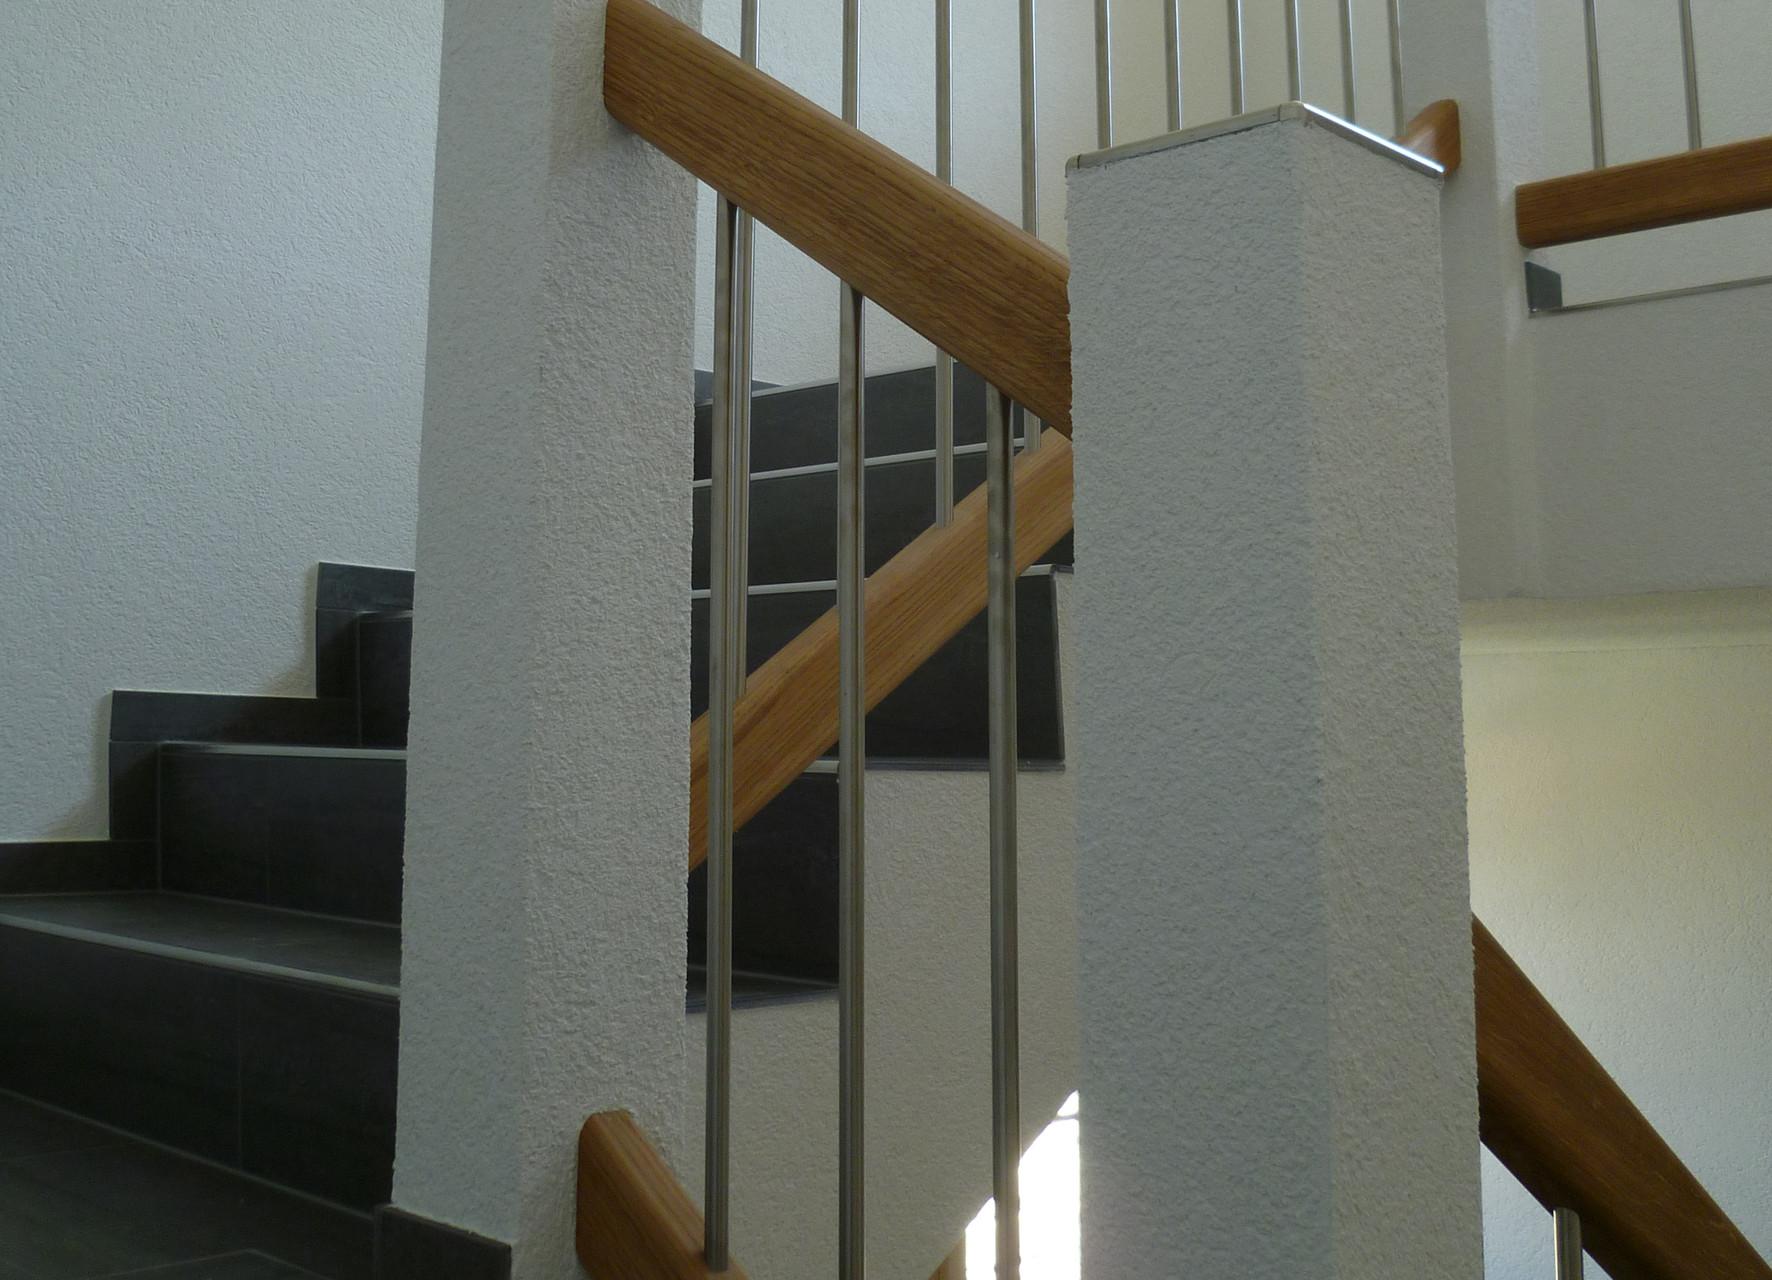 Detailarbeit im Treppenhaus, Reichenbach